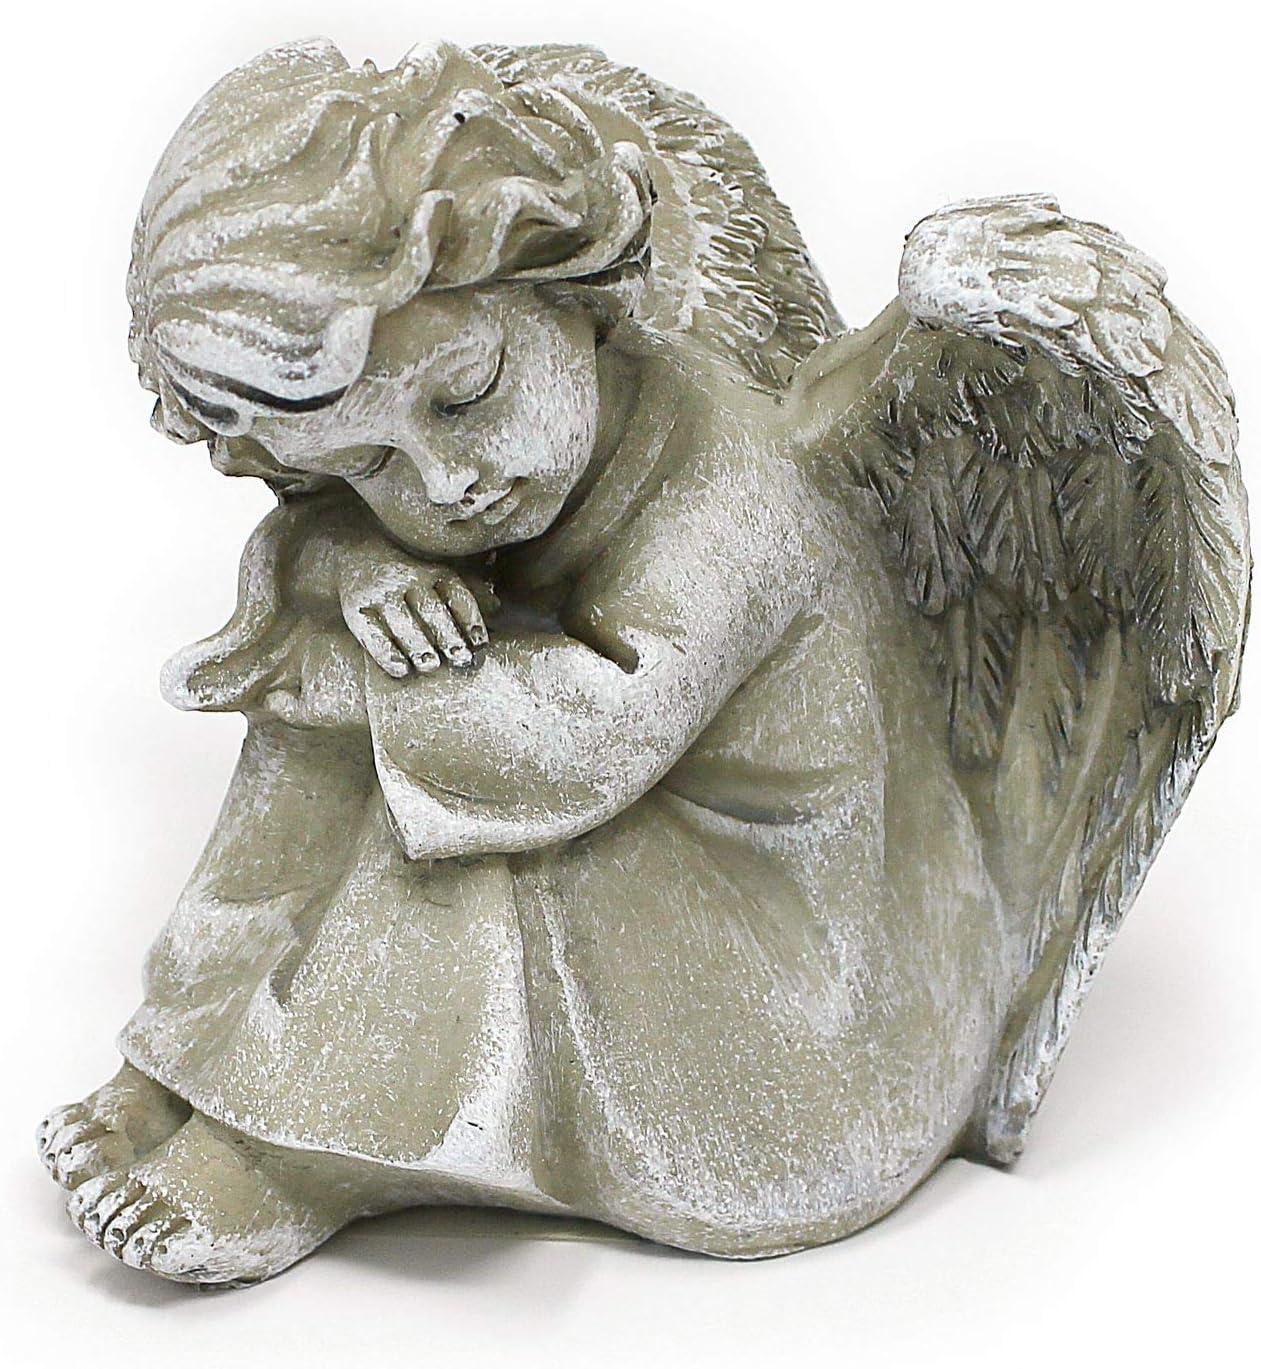 Gartenskulptur Antik Figur Engel Schutzengel Grabengel Trauerengel Grabschmuck